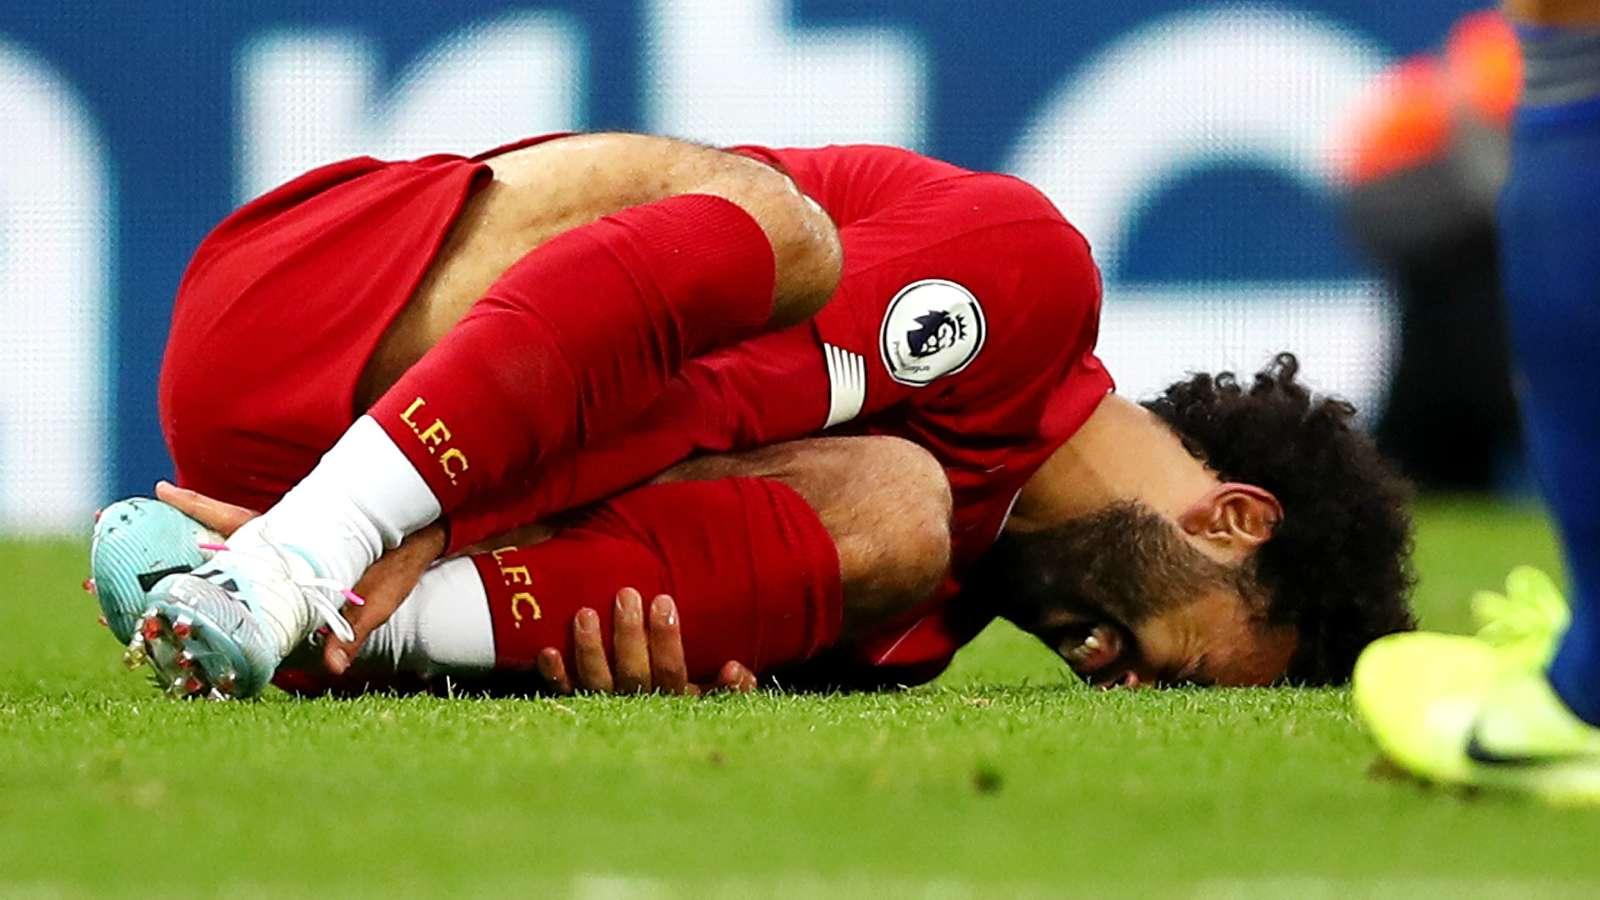 Liverpool phải soạn giáo án riêng cho Salah - Bóng Đá